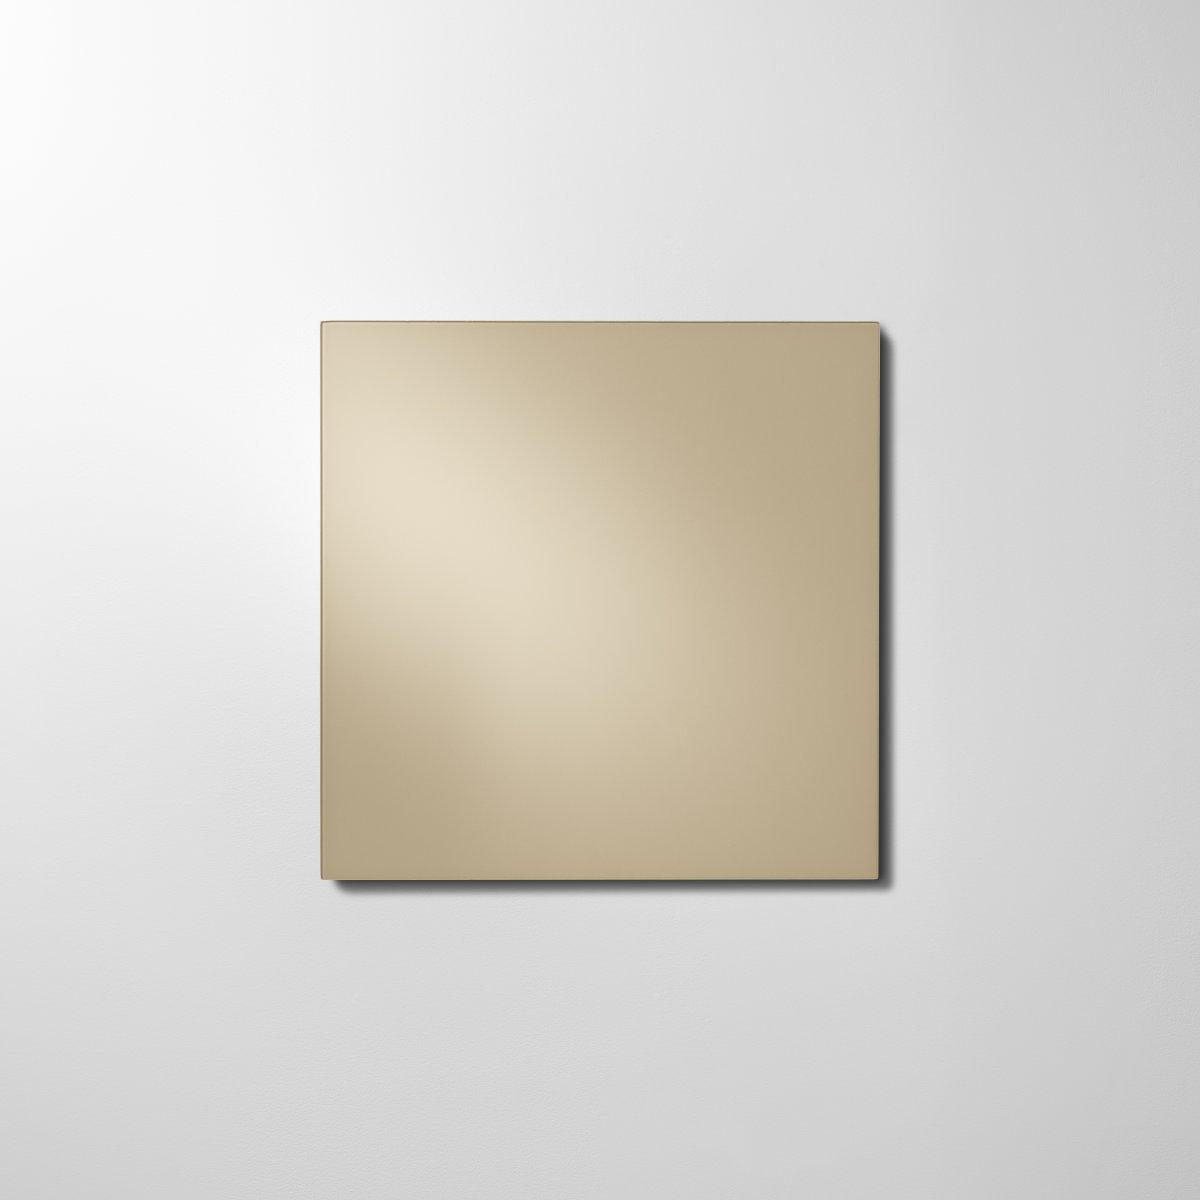 Lintex Mood Wall, 100 x 200 cm, gråbrun cozy